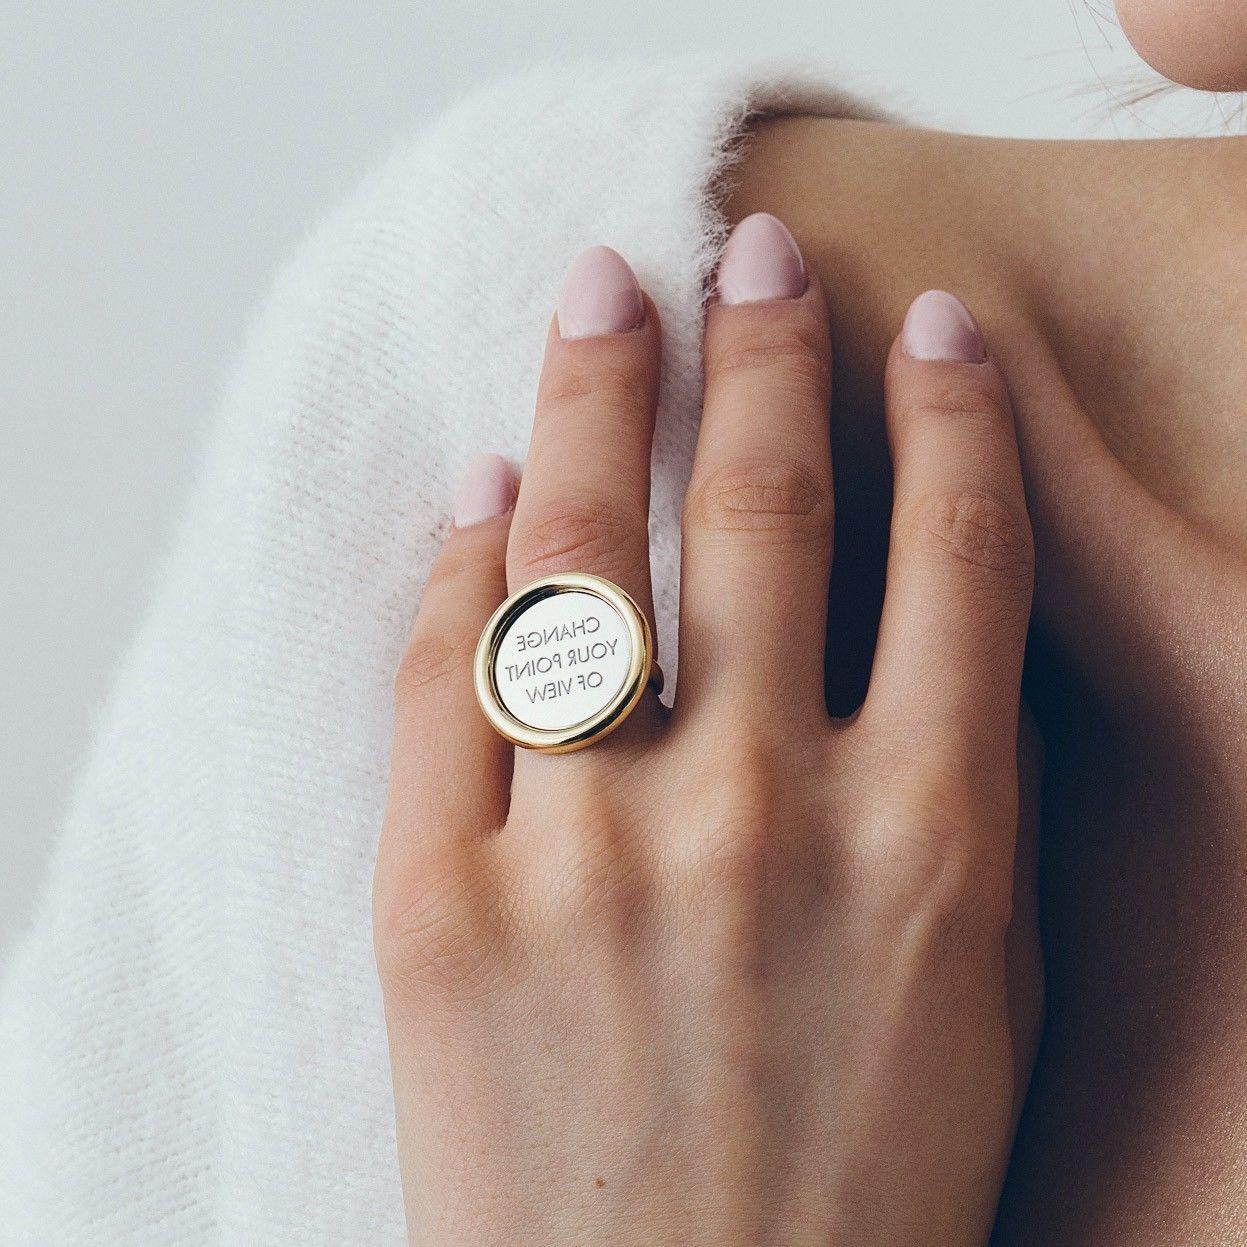 Srebrny pierścionek lustro, grawer, srebro 925 : ROZMIAR PIERŚCIONKA - 19 UK:S 18,67 MM, Srebro - kolor pokrycia - Pokrycie platyną